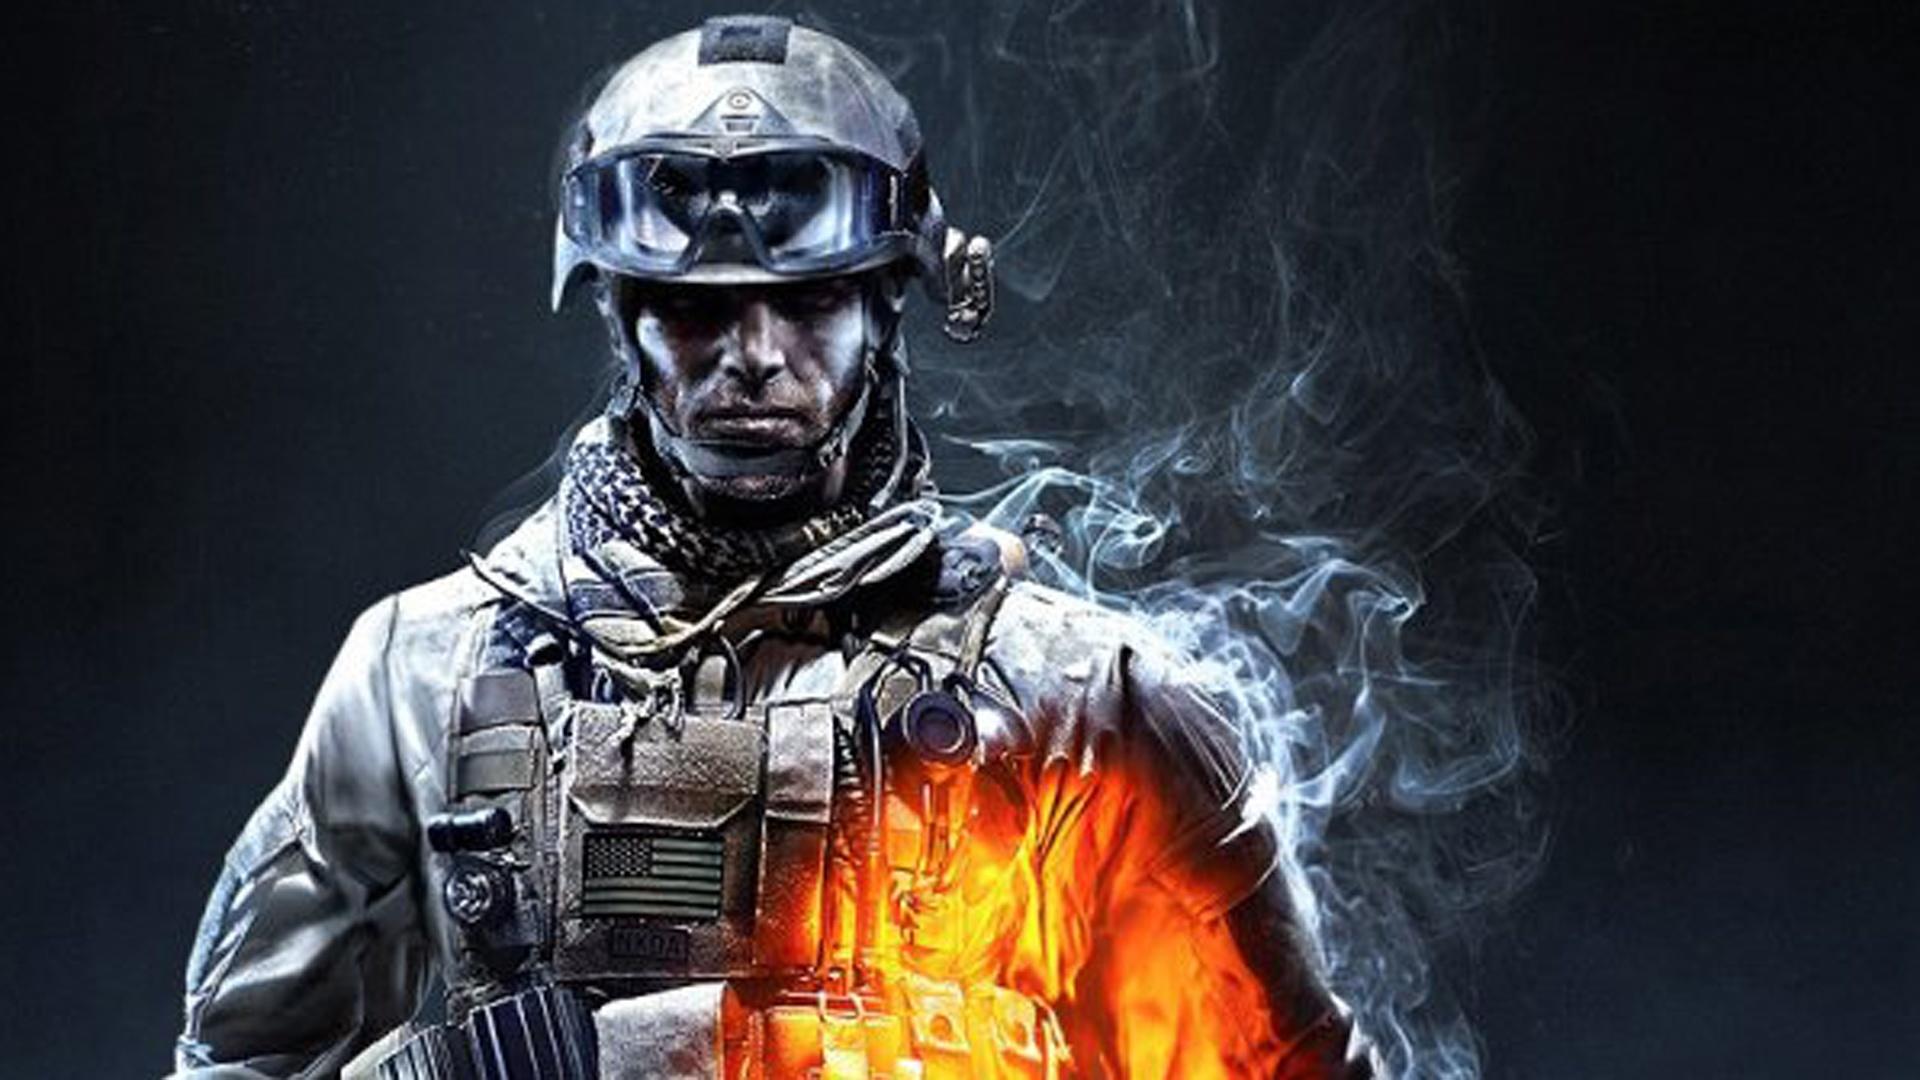 Battlefield 6 confirms